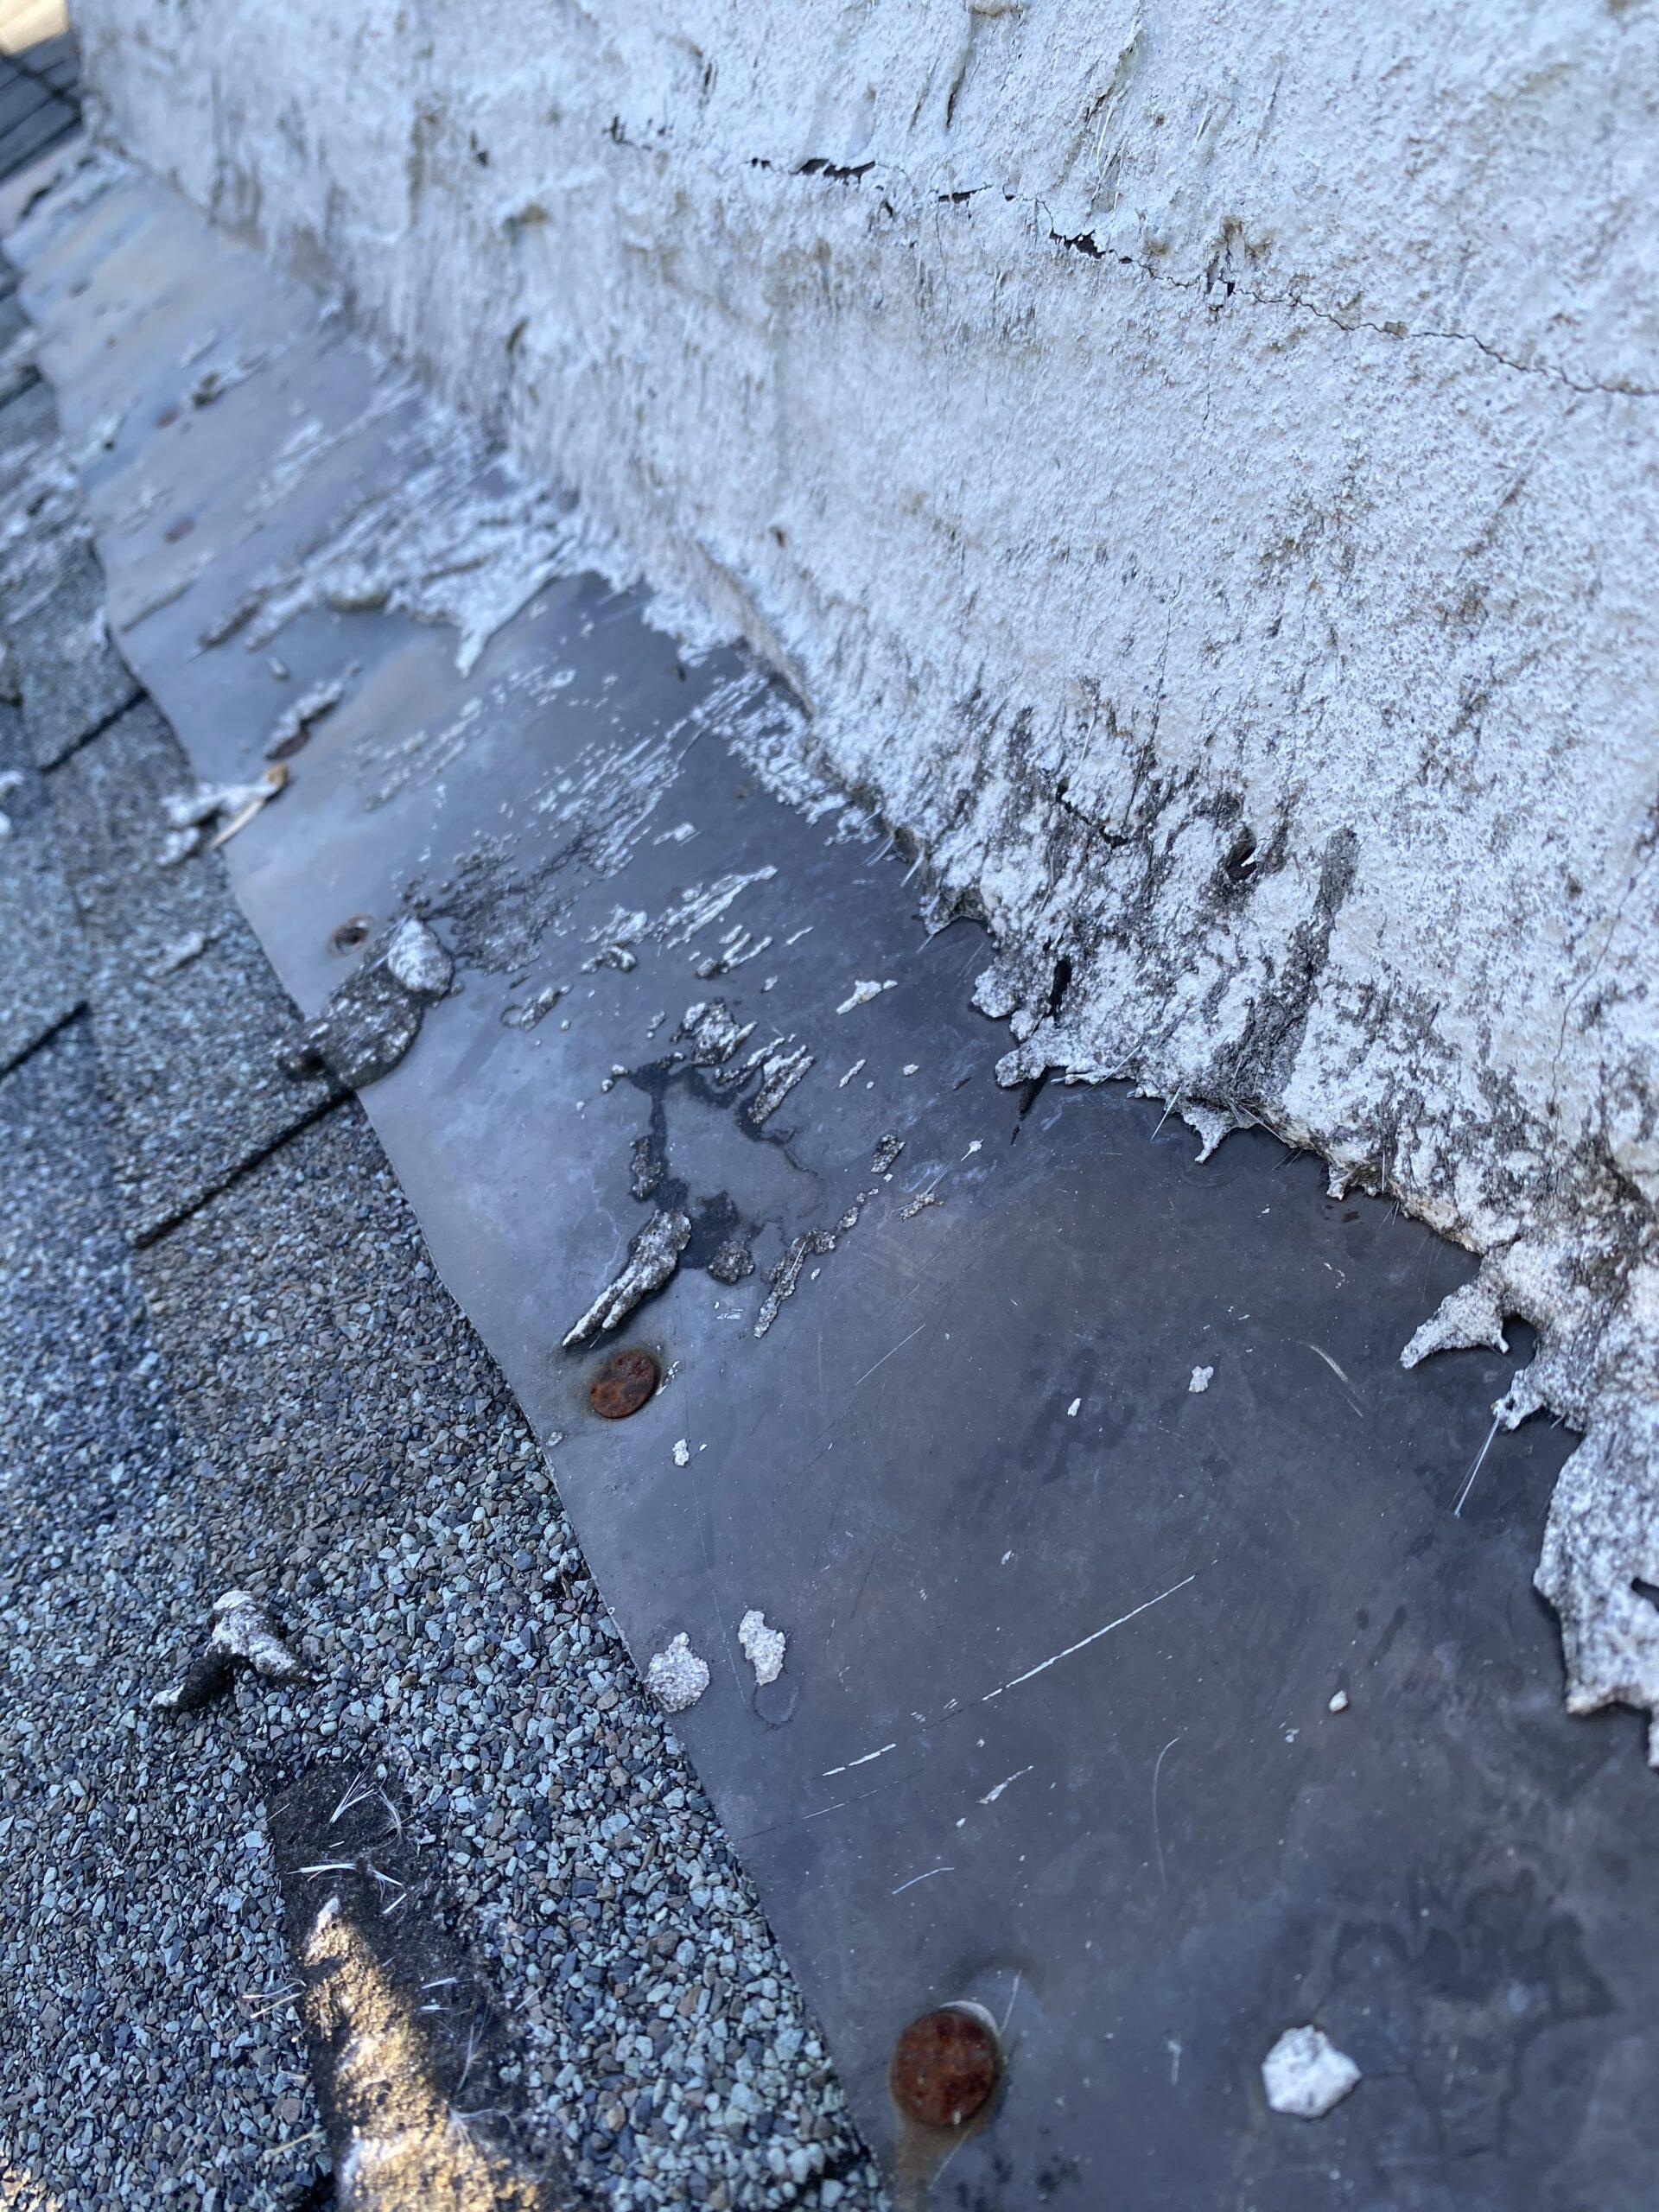 Exposed nails on chimney flashing